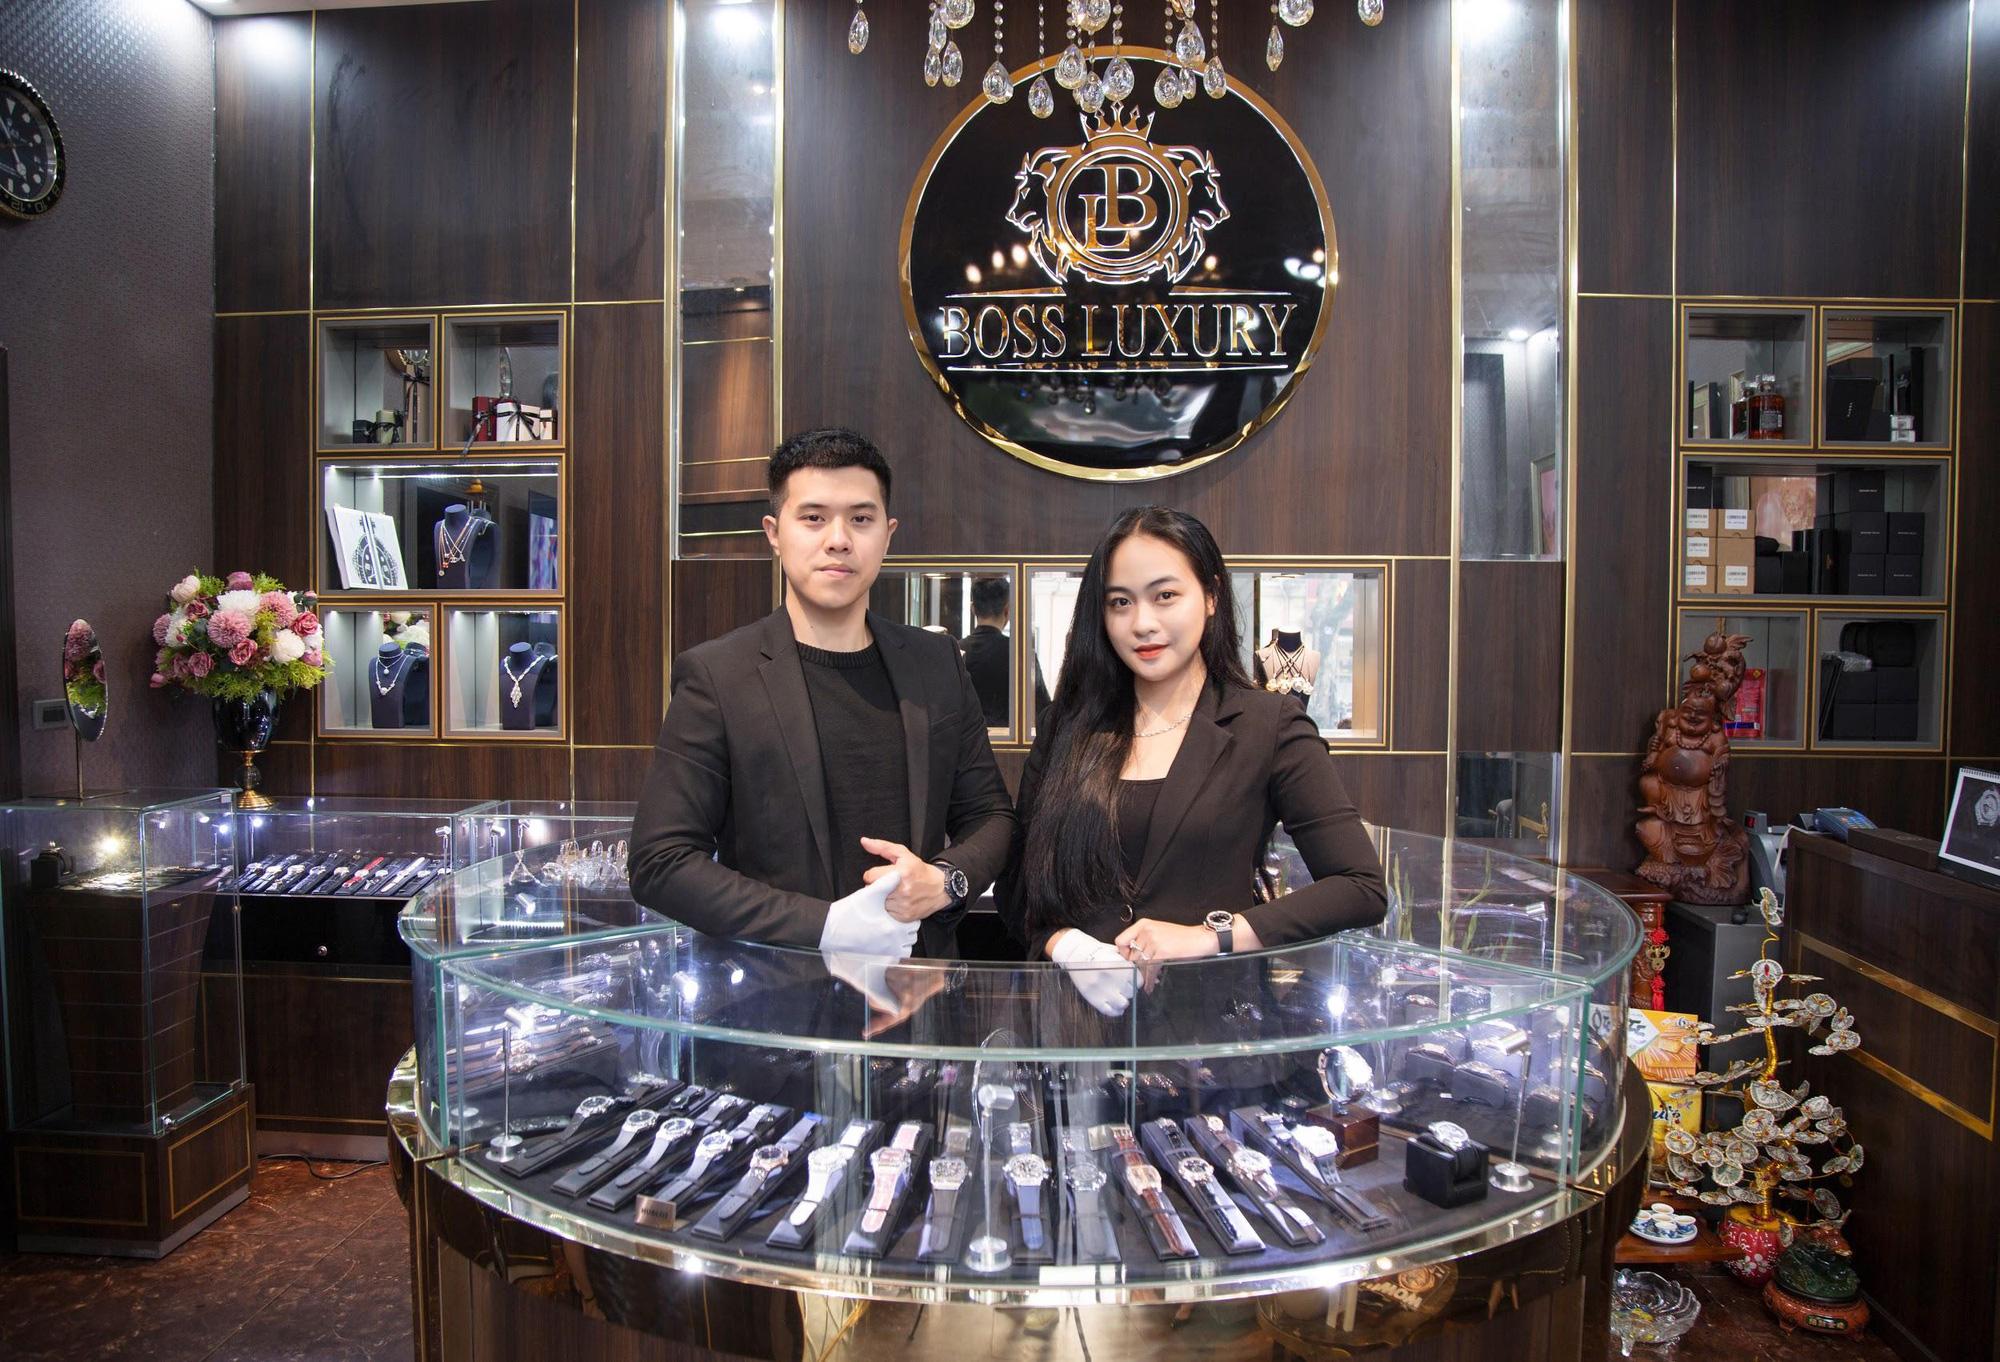 Boss Luxury chỉ ra 5 lưu ý quan trọng khi chọn mua đồng hồ cao cấp - Ảnh 5.